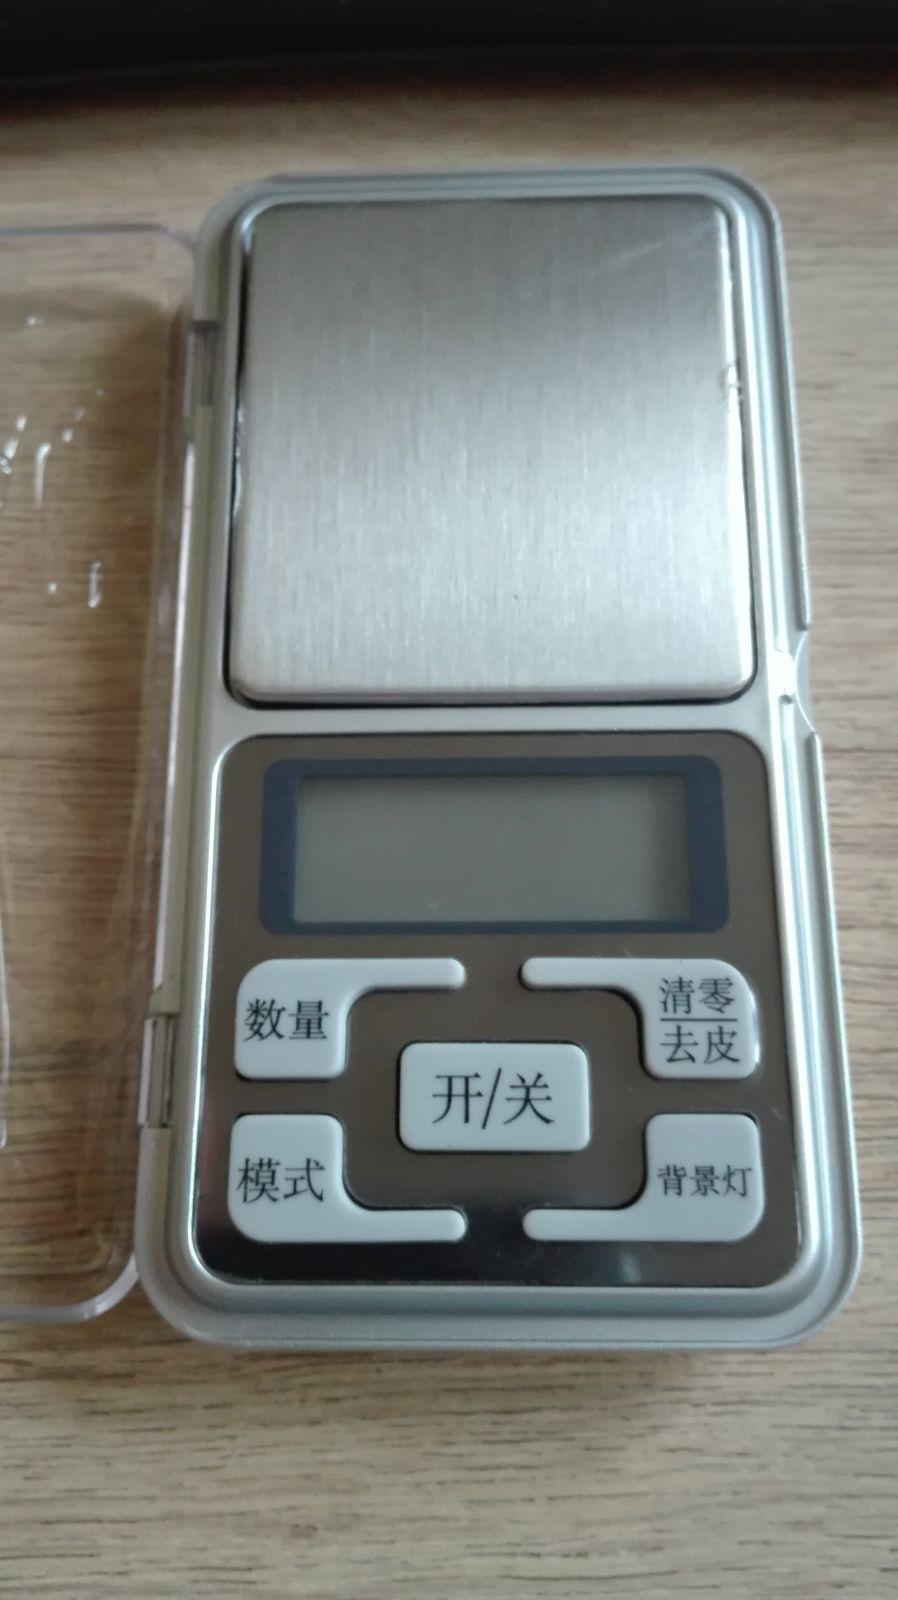 Digitální váha s rozlišením 0,01g (max. 200g), čínské znaky